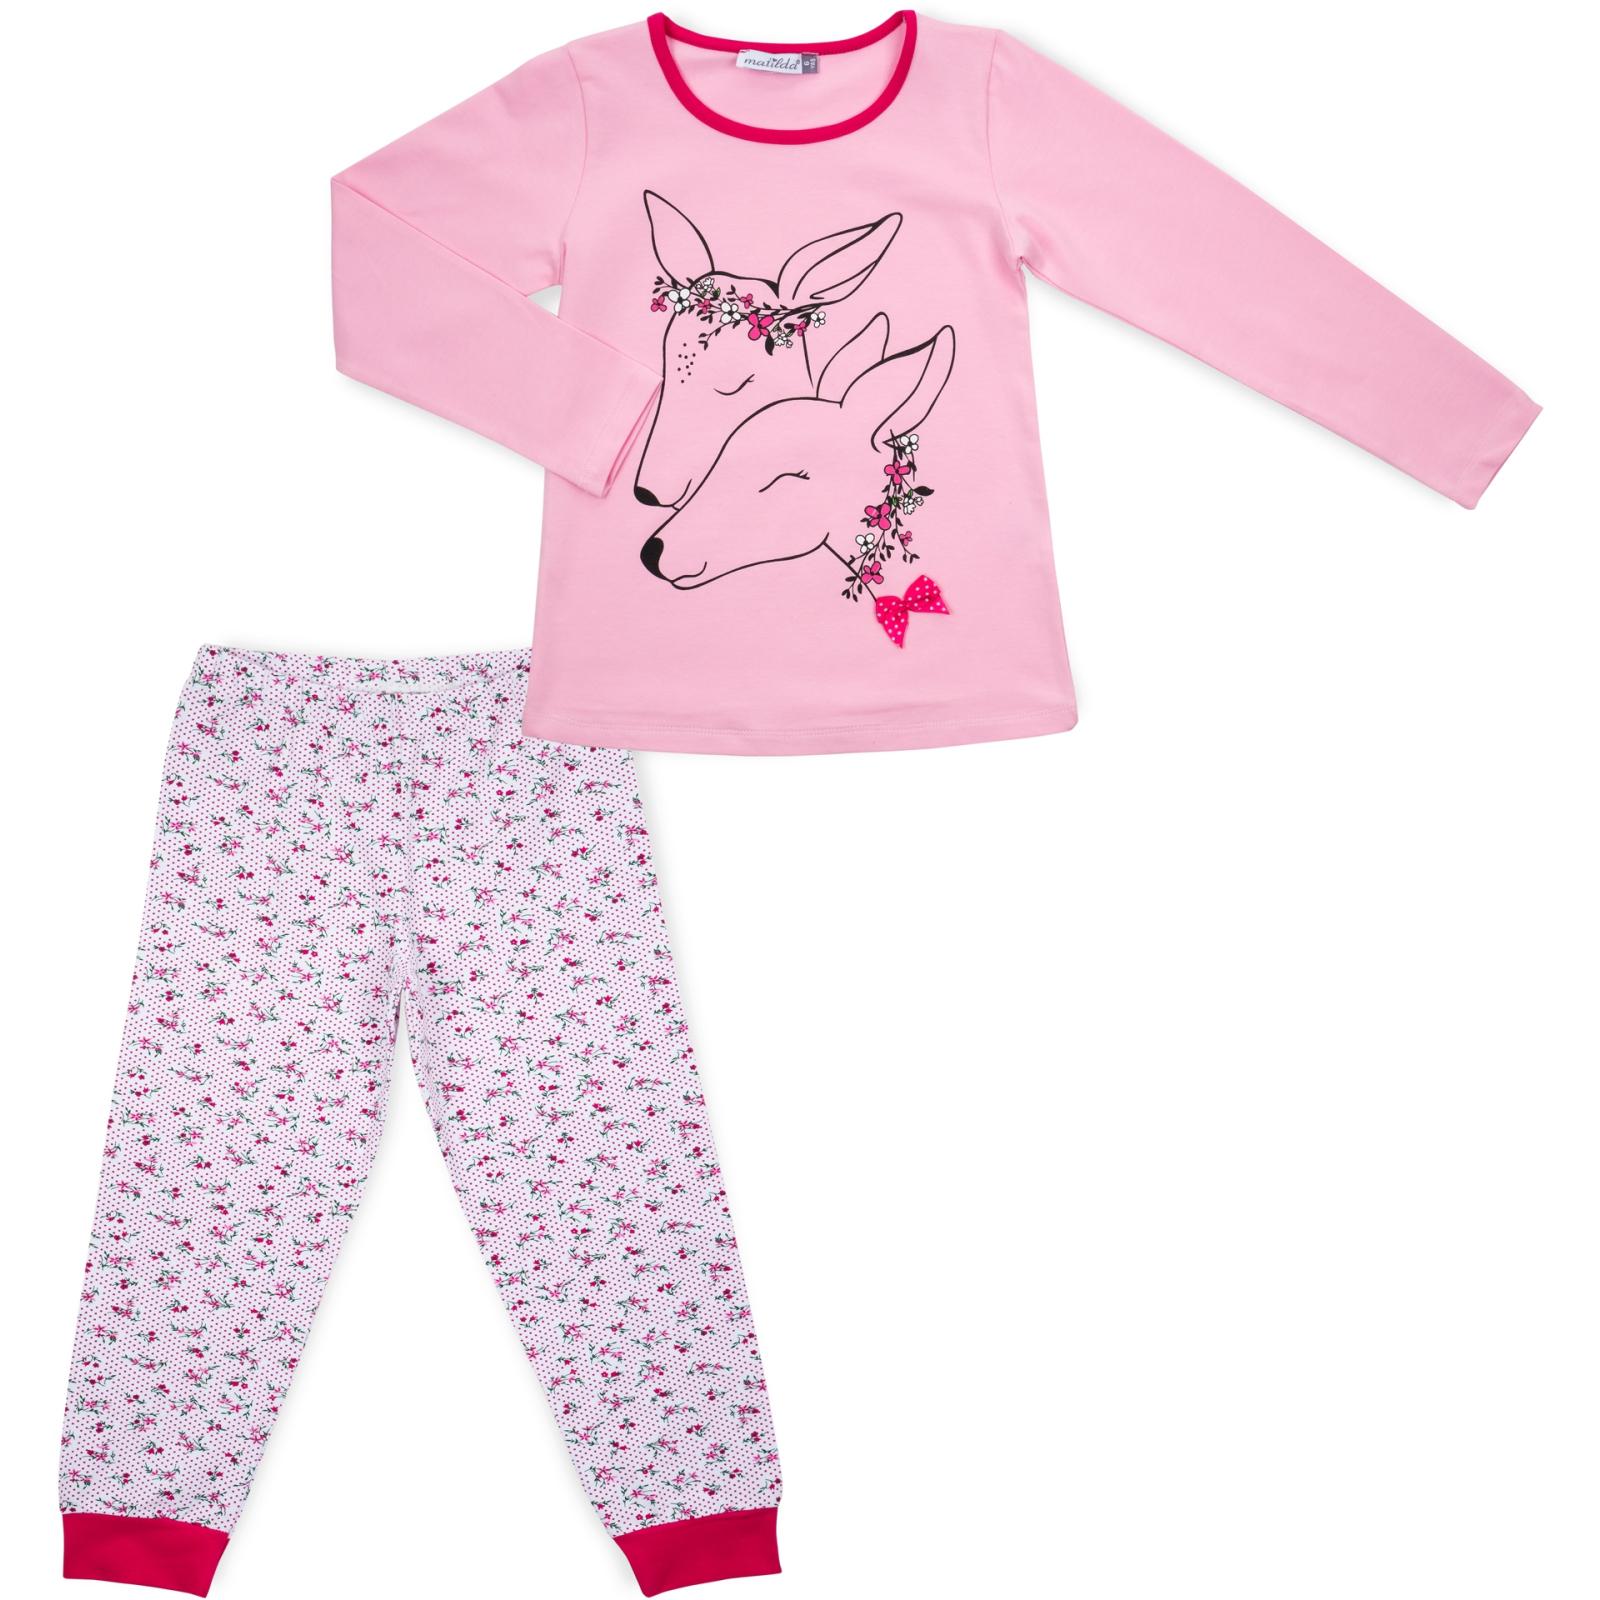 Пижама Matilda с оленями (10817-3-122G-pink)